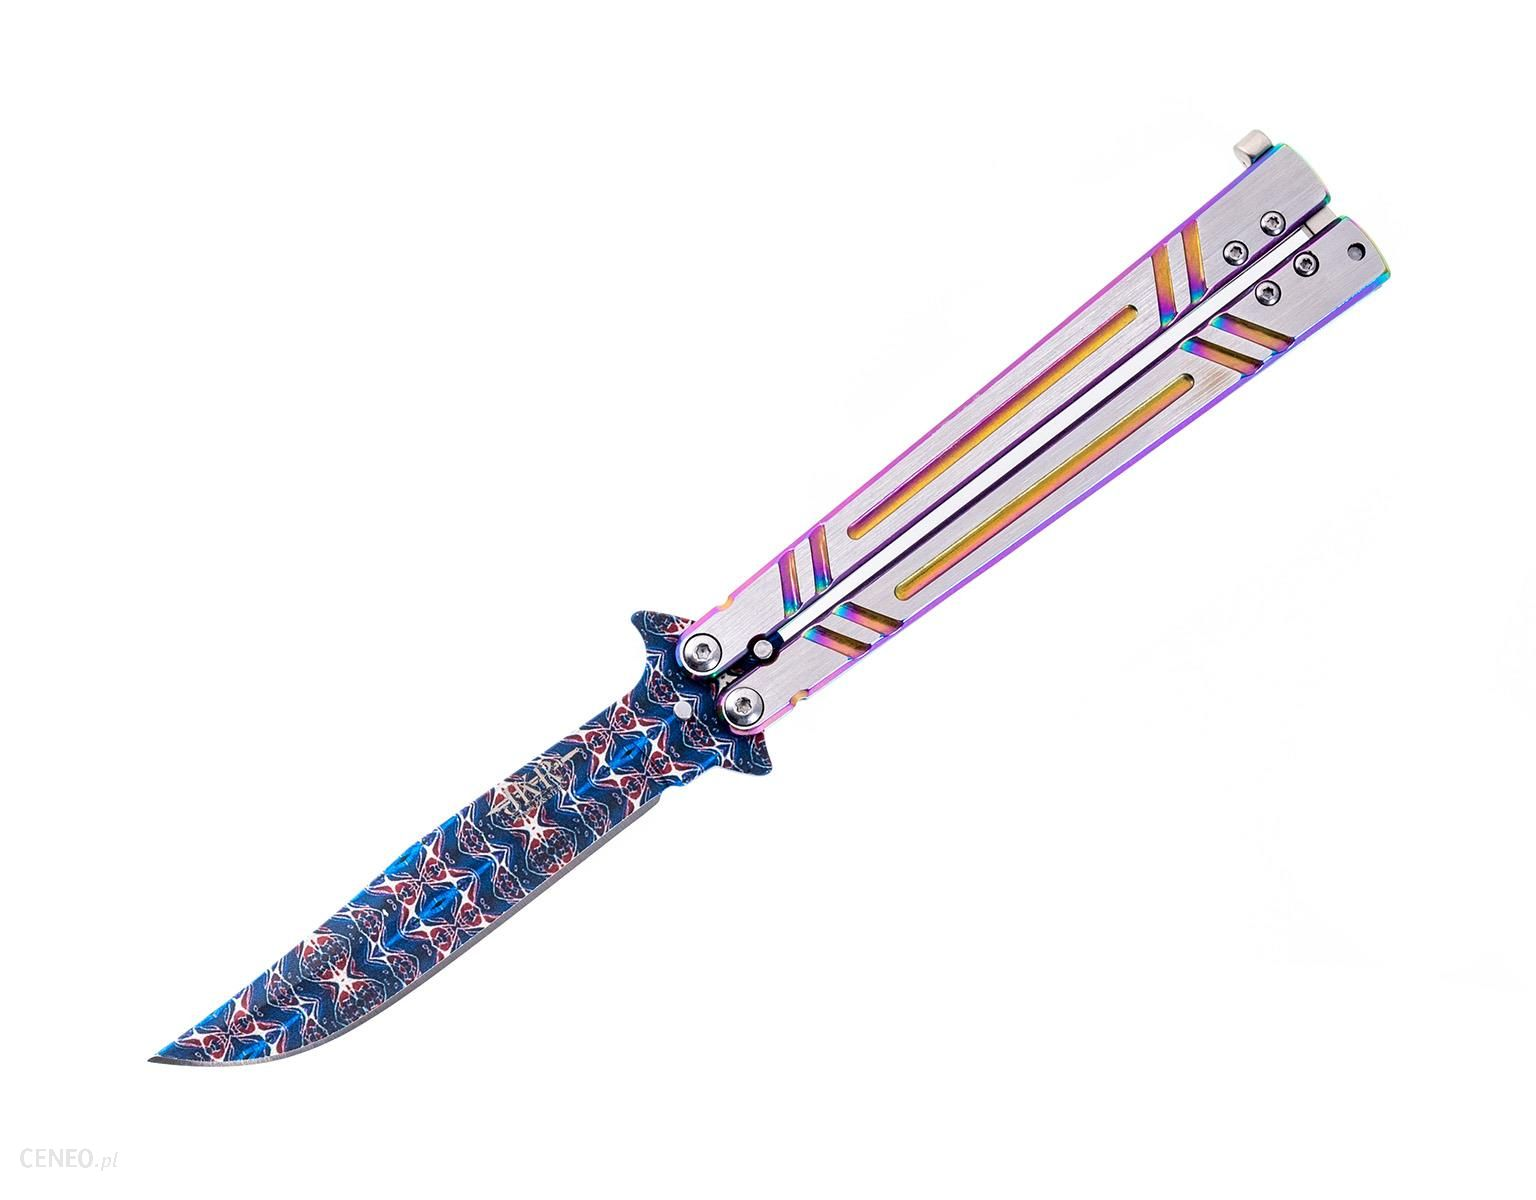 Joker Nóż Składany Motylek Rainbow Czakra Damascus (Jkr645)